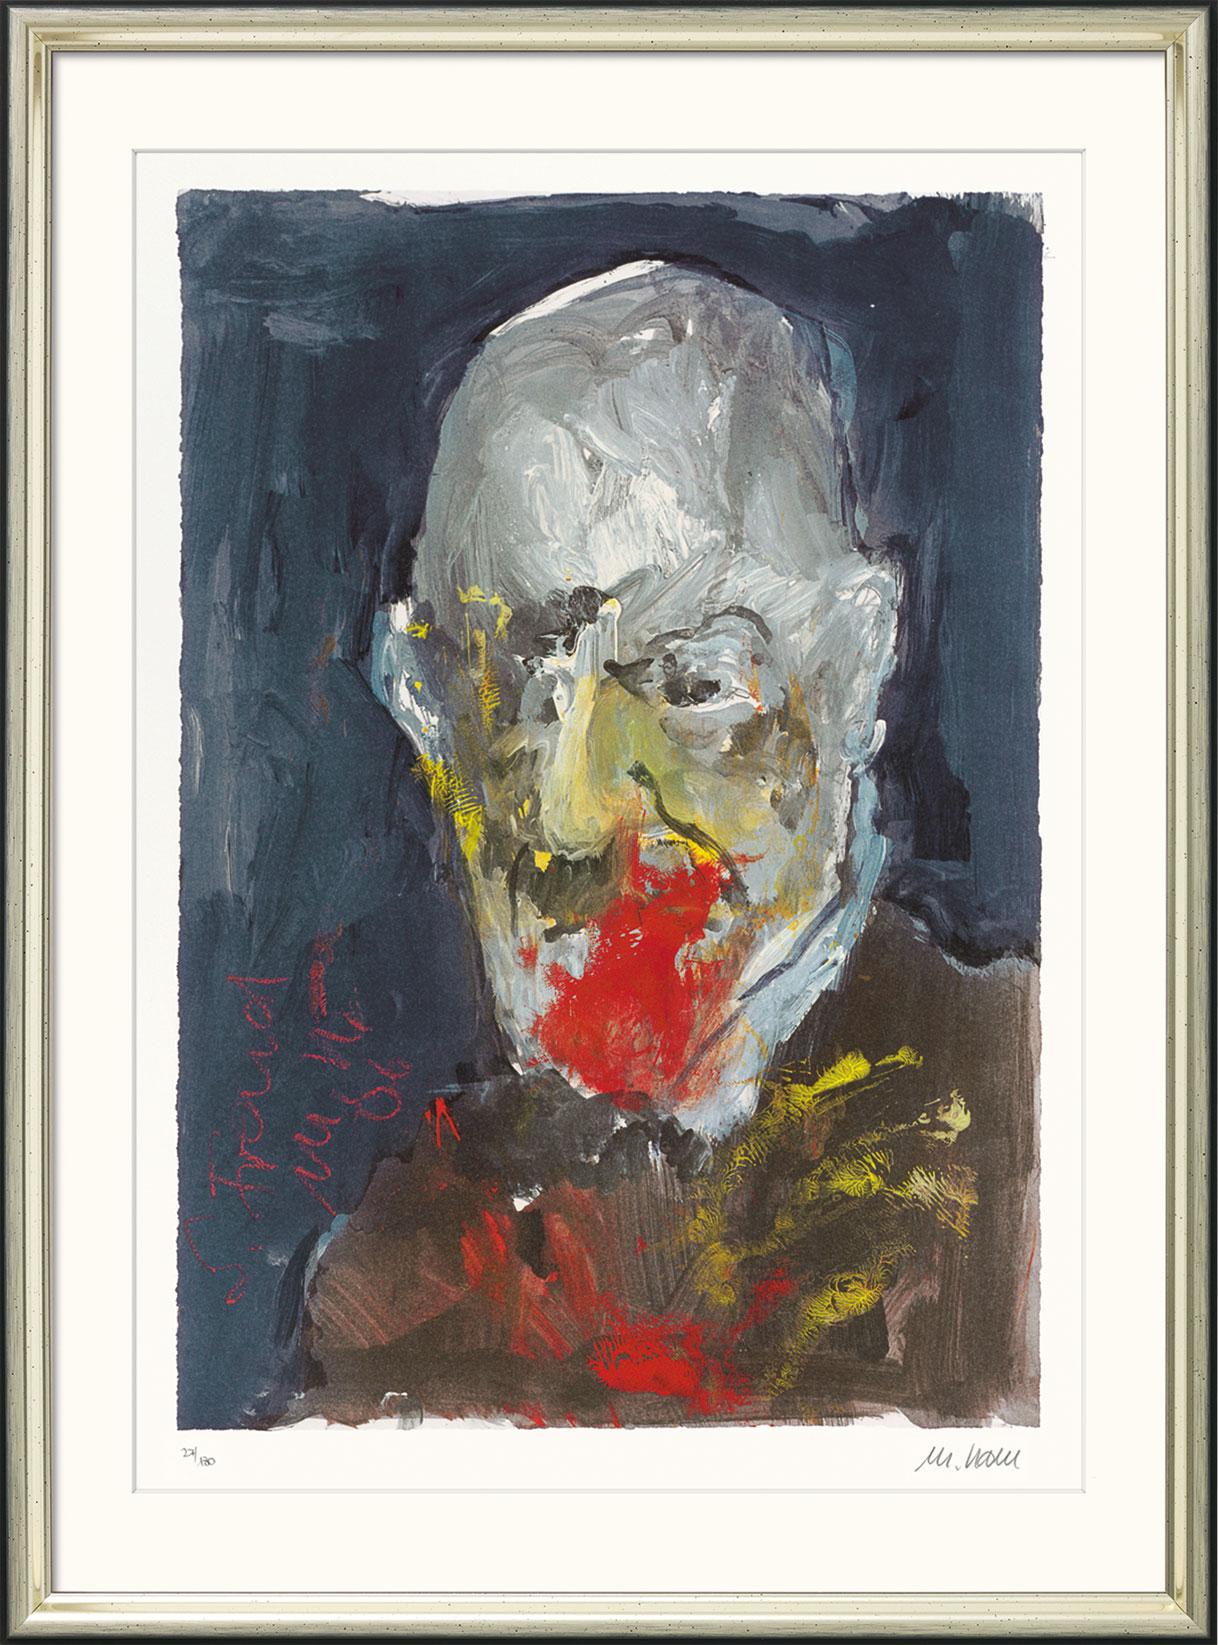 Armin Mueller-Stahl: Bild 'Sigmund Freud' (2006), gerahmt